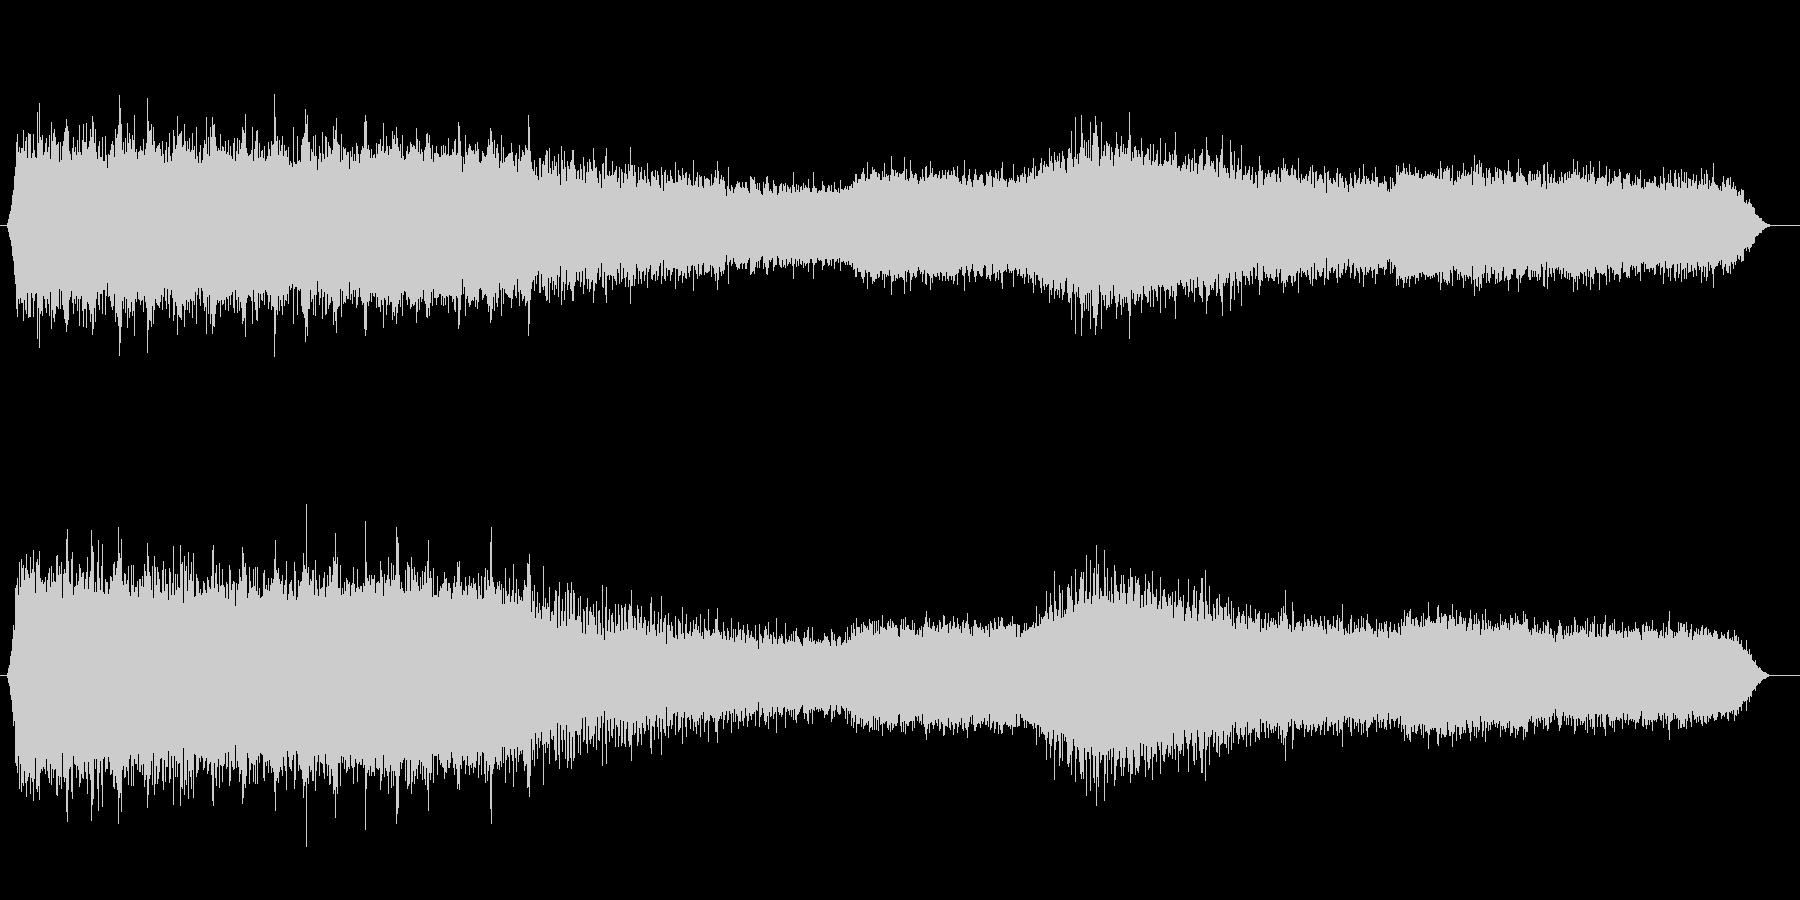 夕方のアブラゼミの鳴き声(夏、夕方)の未再生の波形